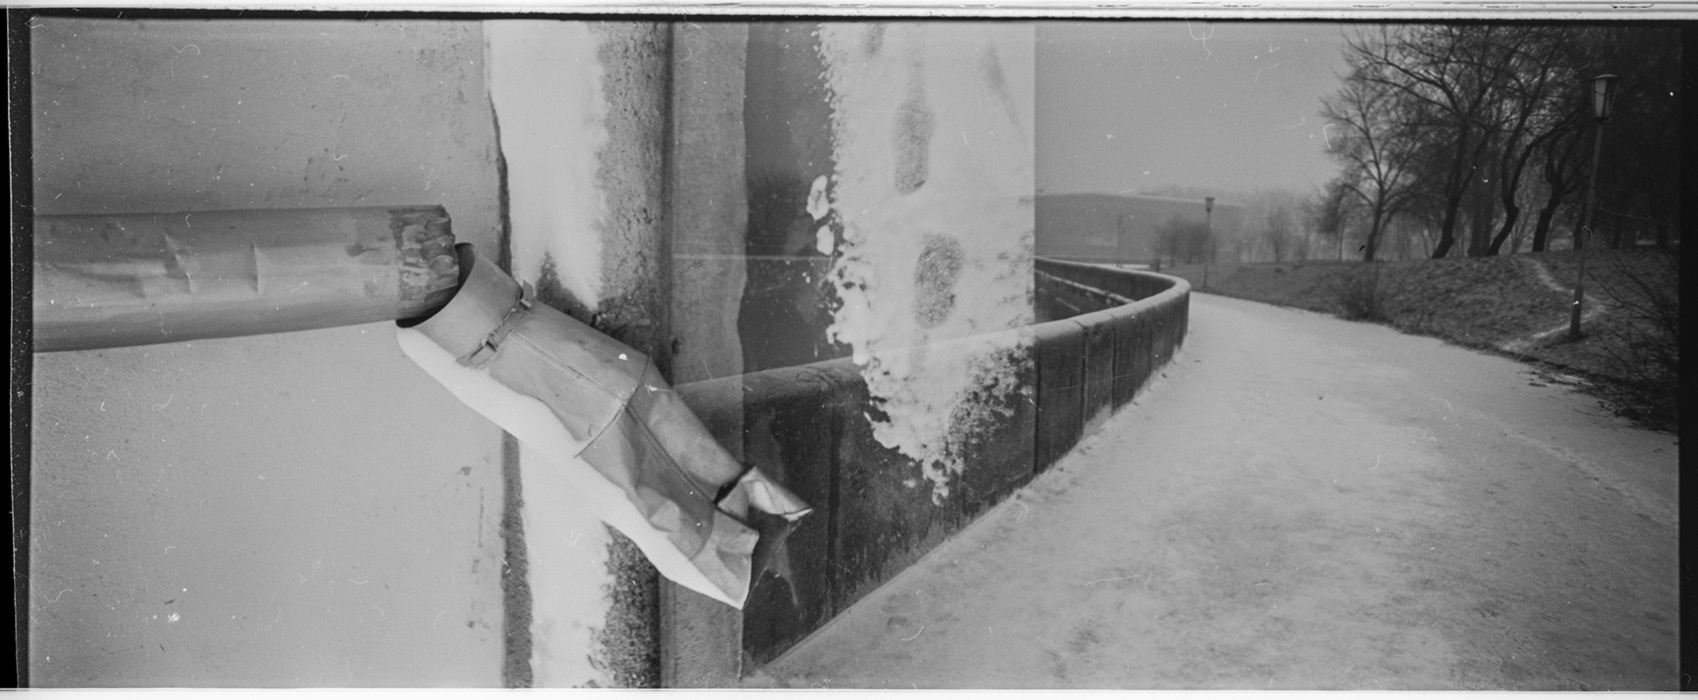 Набережная, город зимой, Минск, 1984год